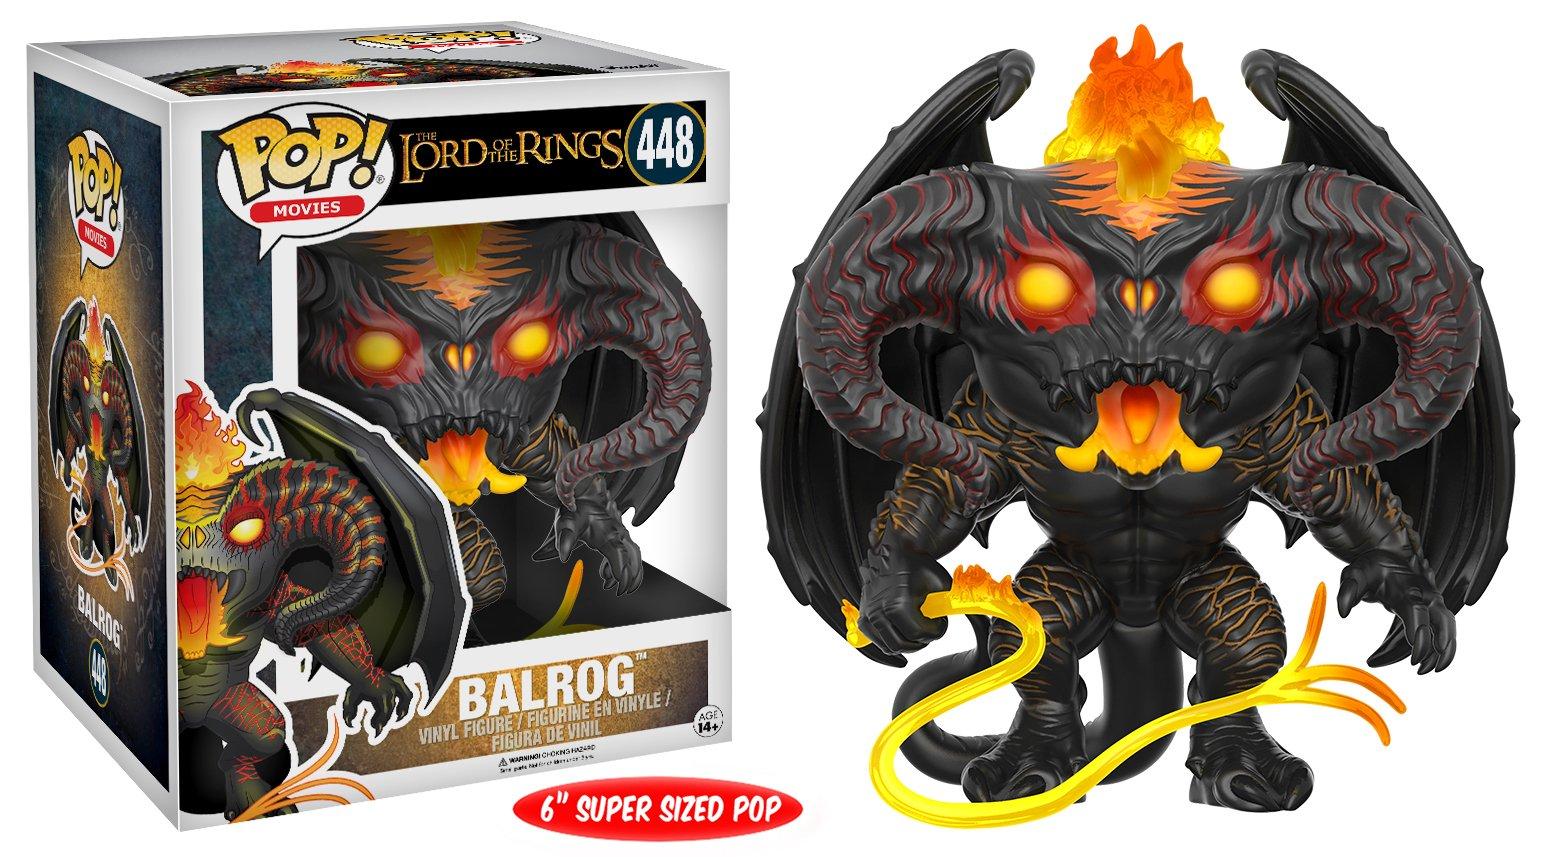 Funko Pop Balrog (El Señor de los Anillos 448) Funko Pop El Señor de los Anillos & El Hobbit